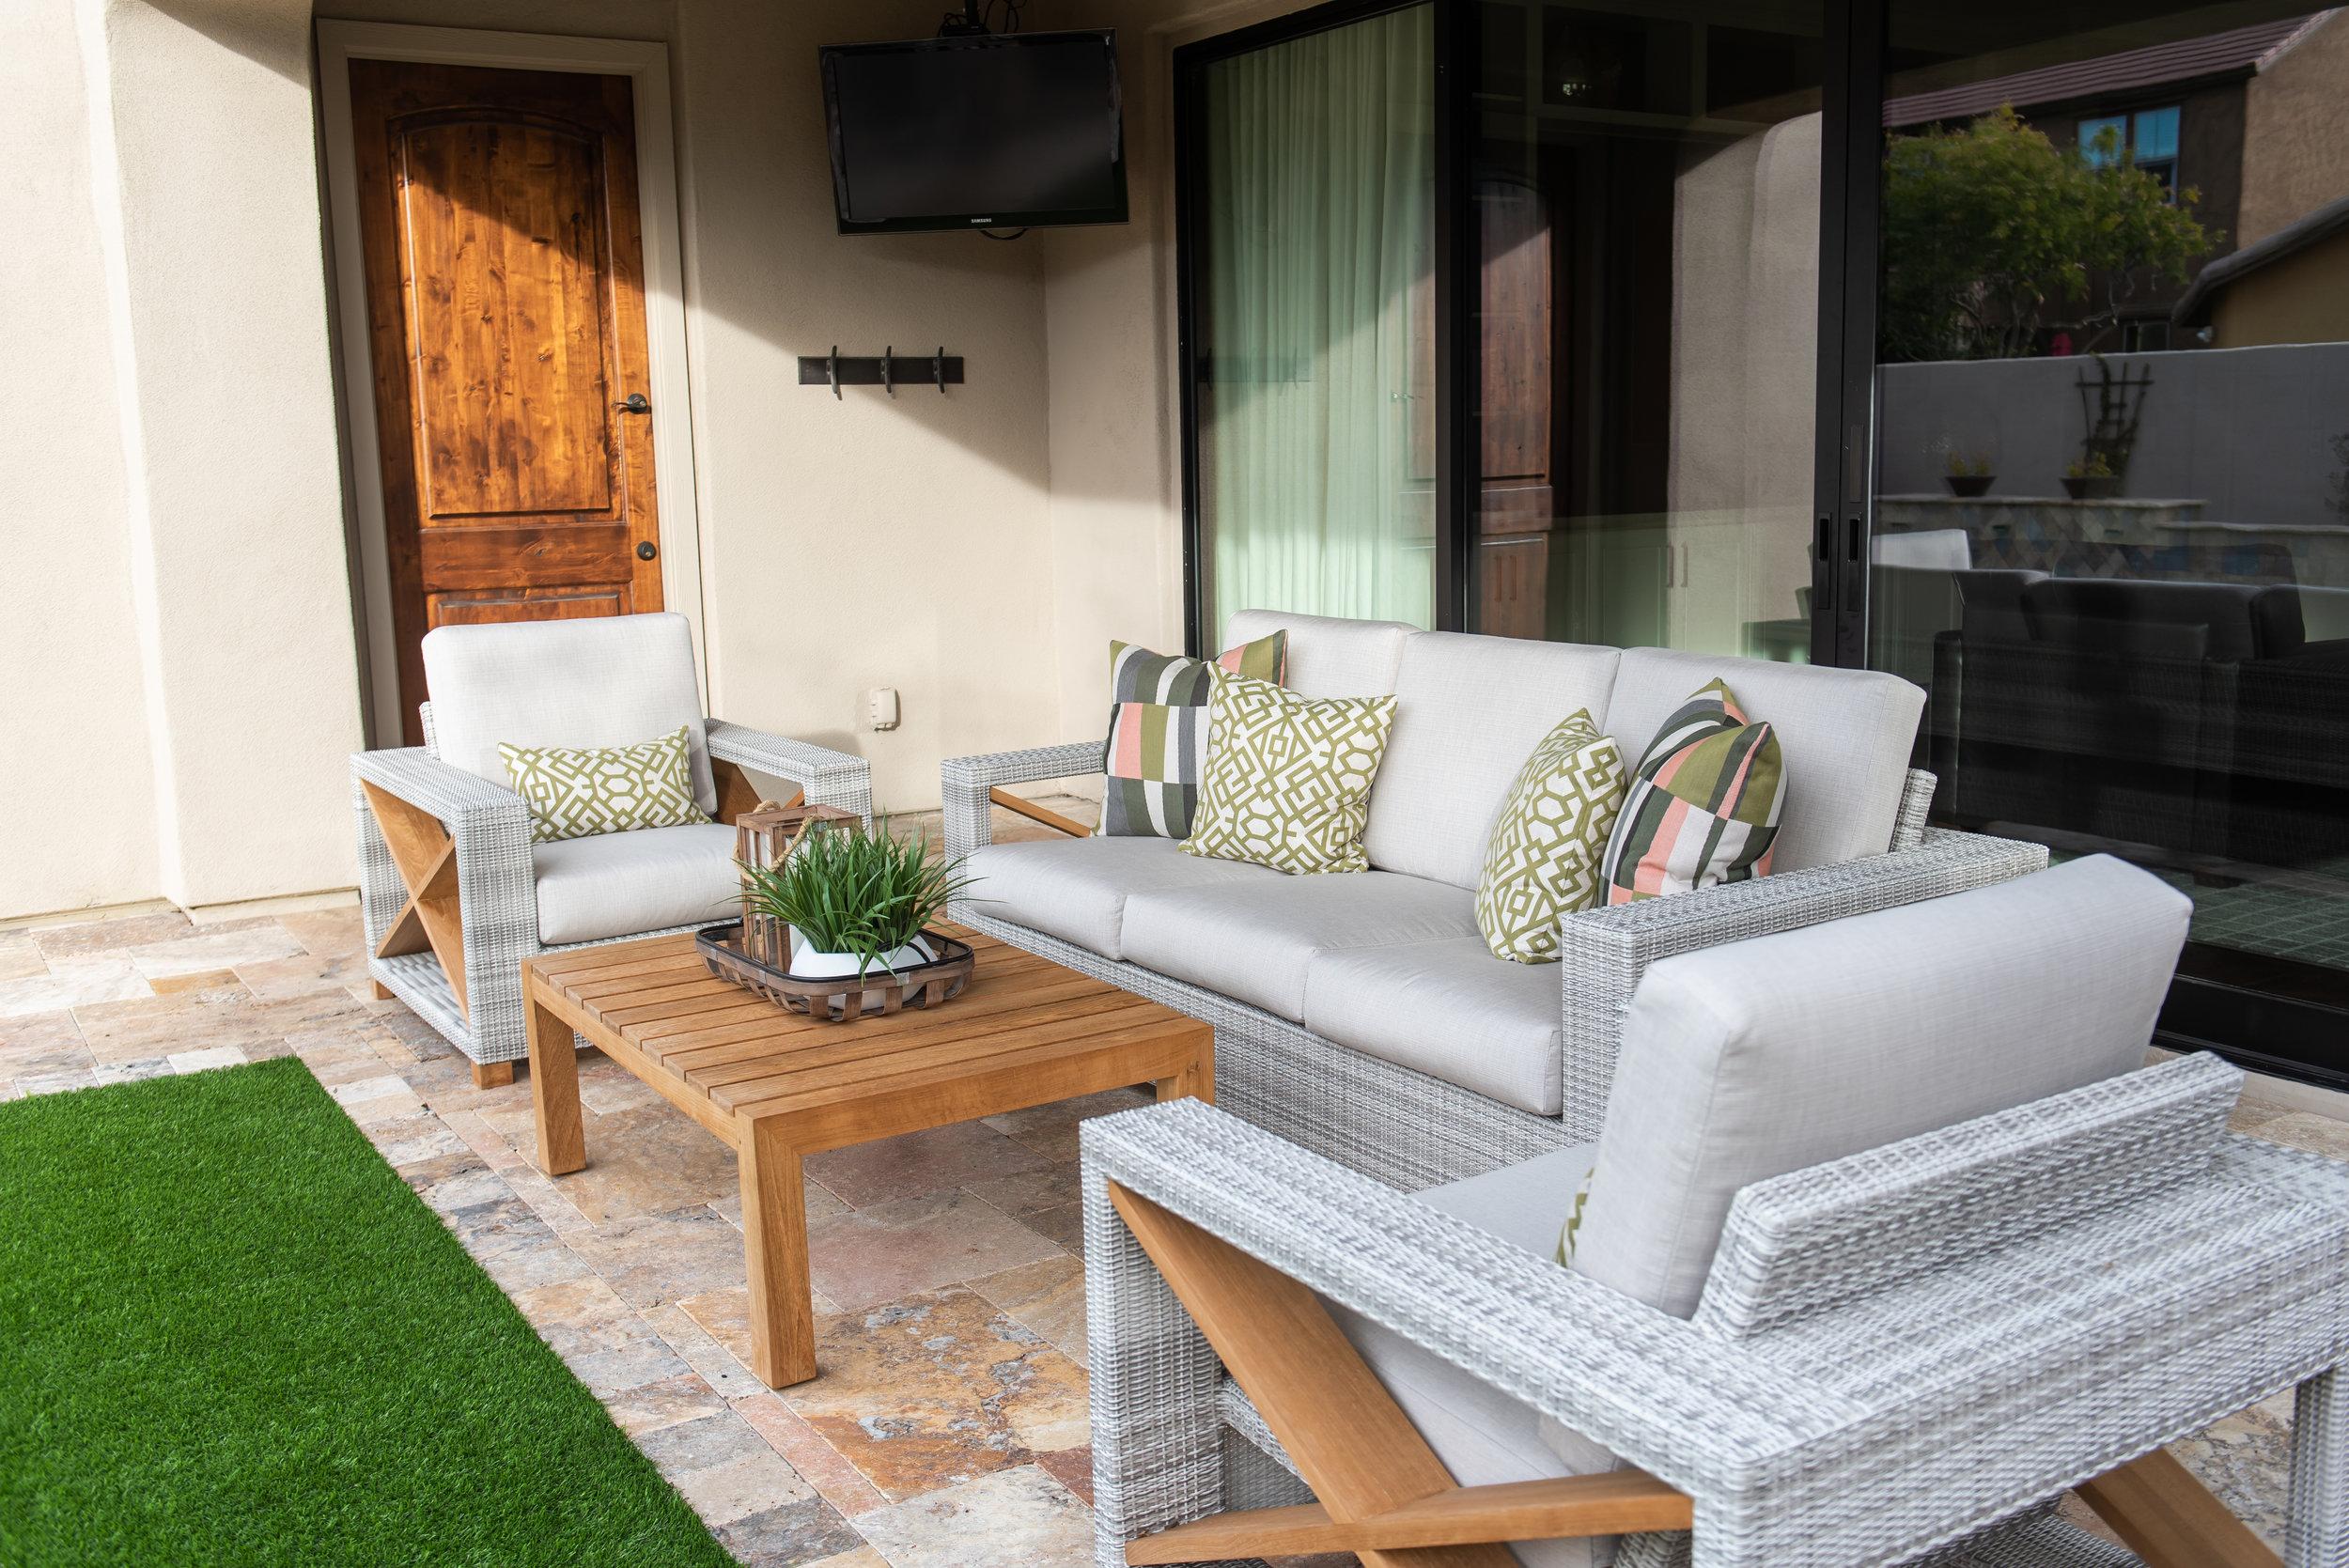 Backyard +patio +outdoor +furniture +pillows +coffeetable.jpg